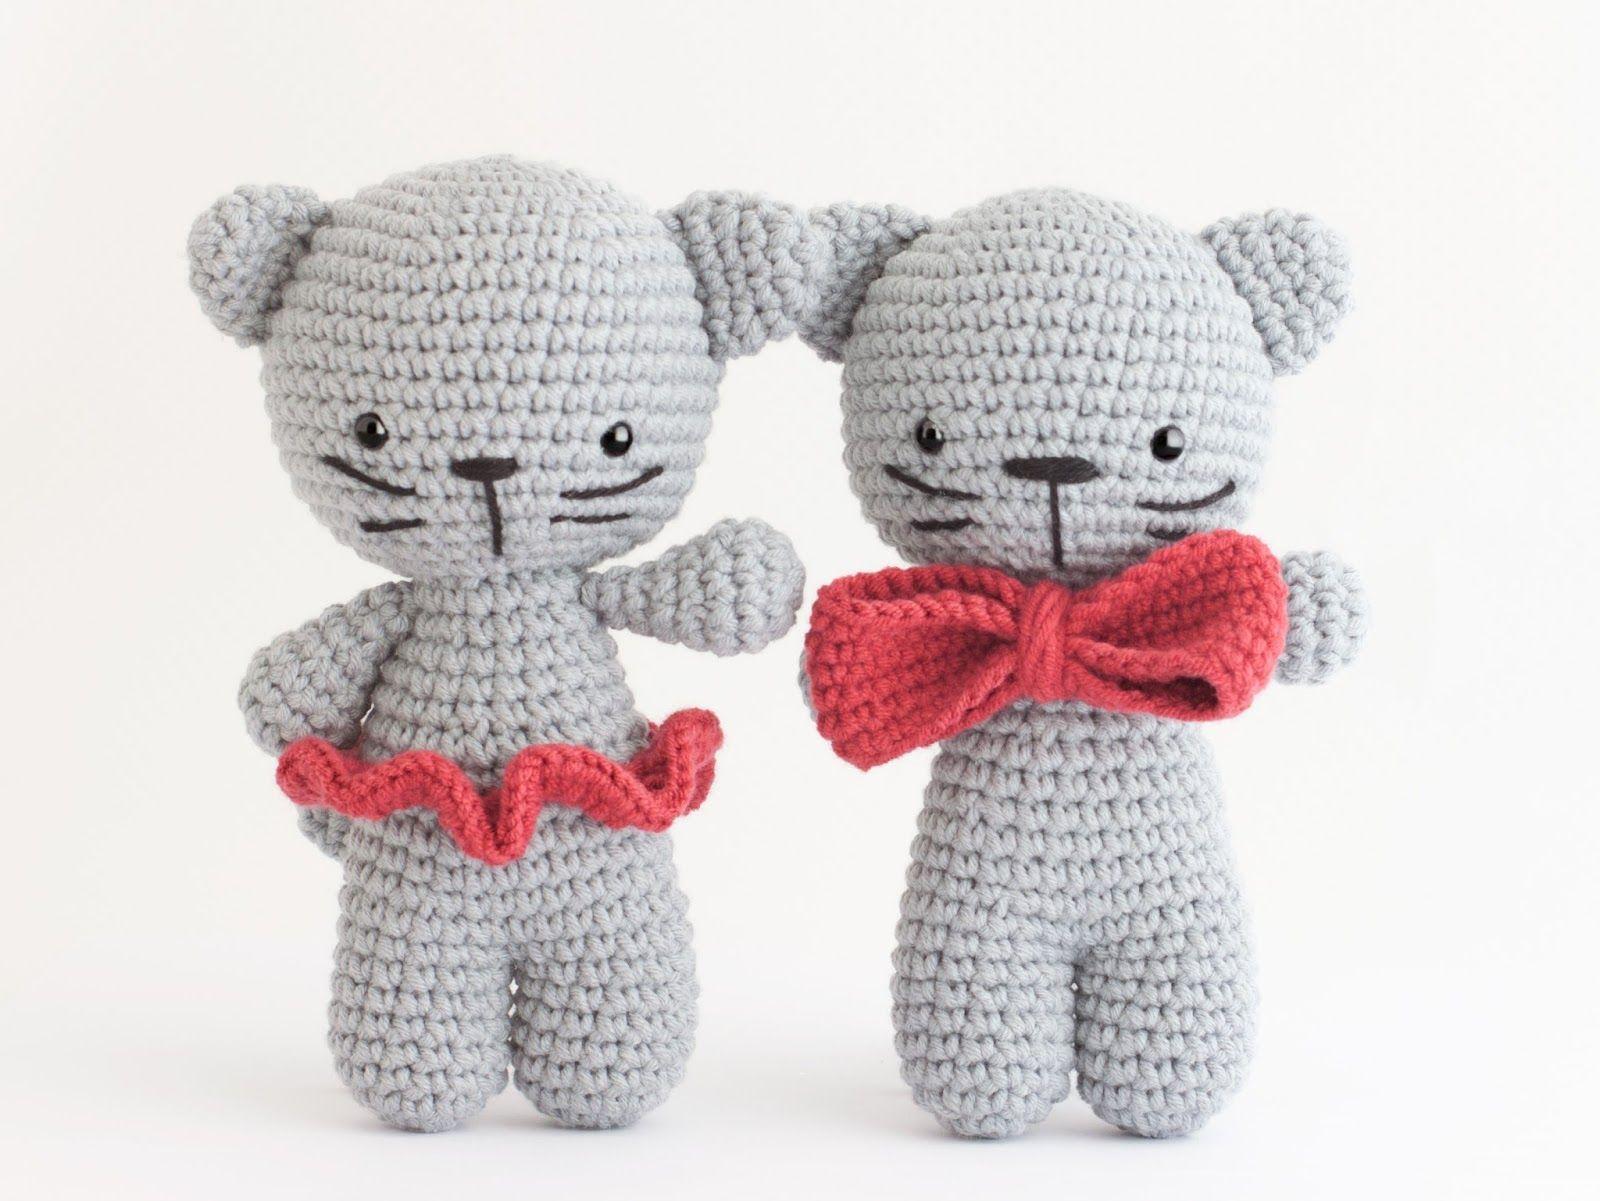 Amigurumi gatitos (enlace a patron gratis) | Amigurumis | Pinterest ...